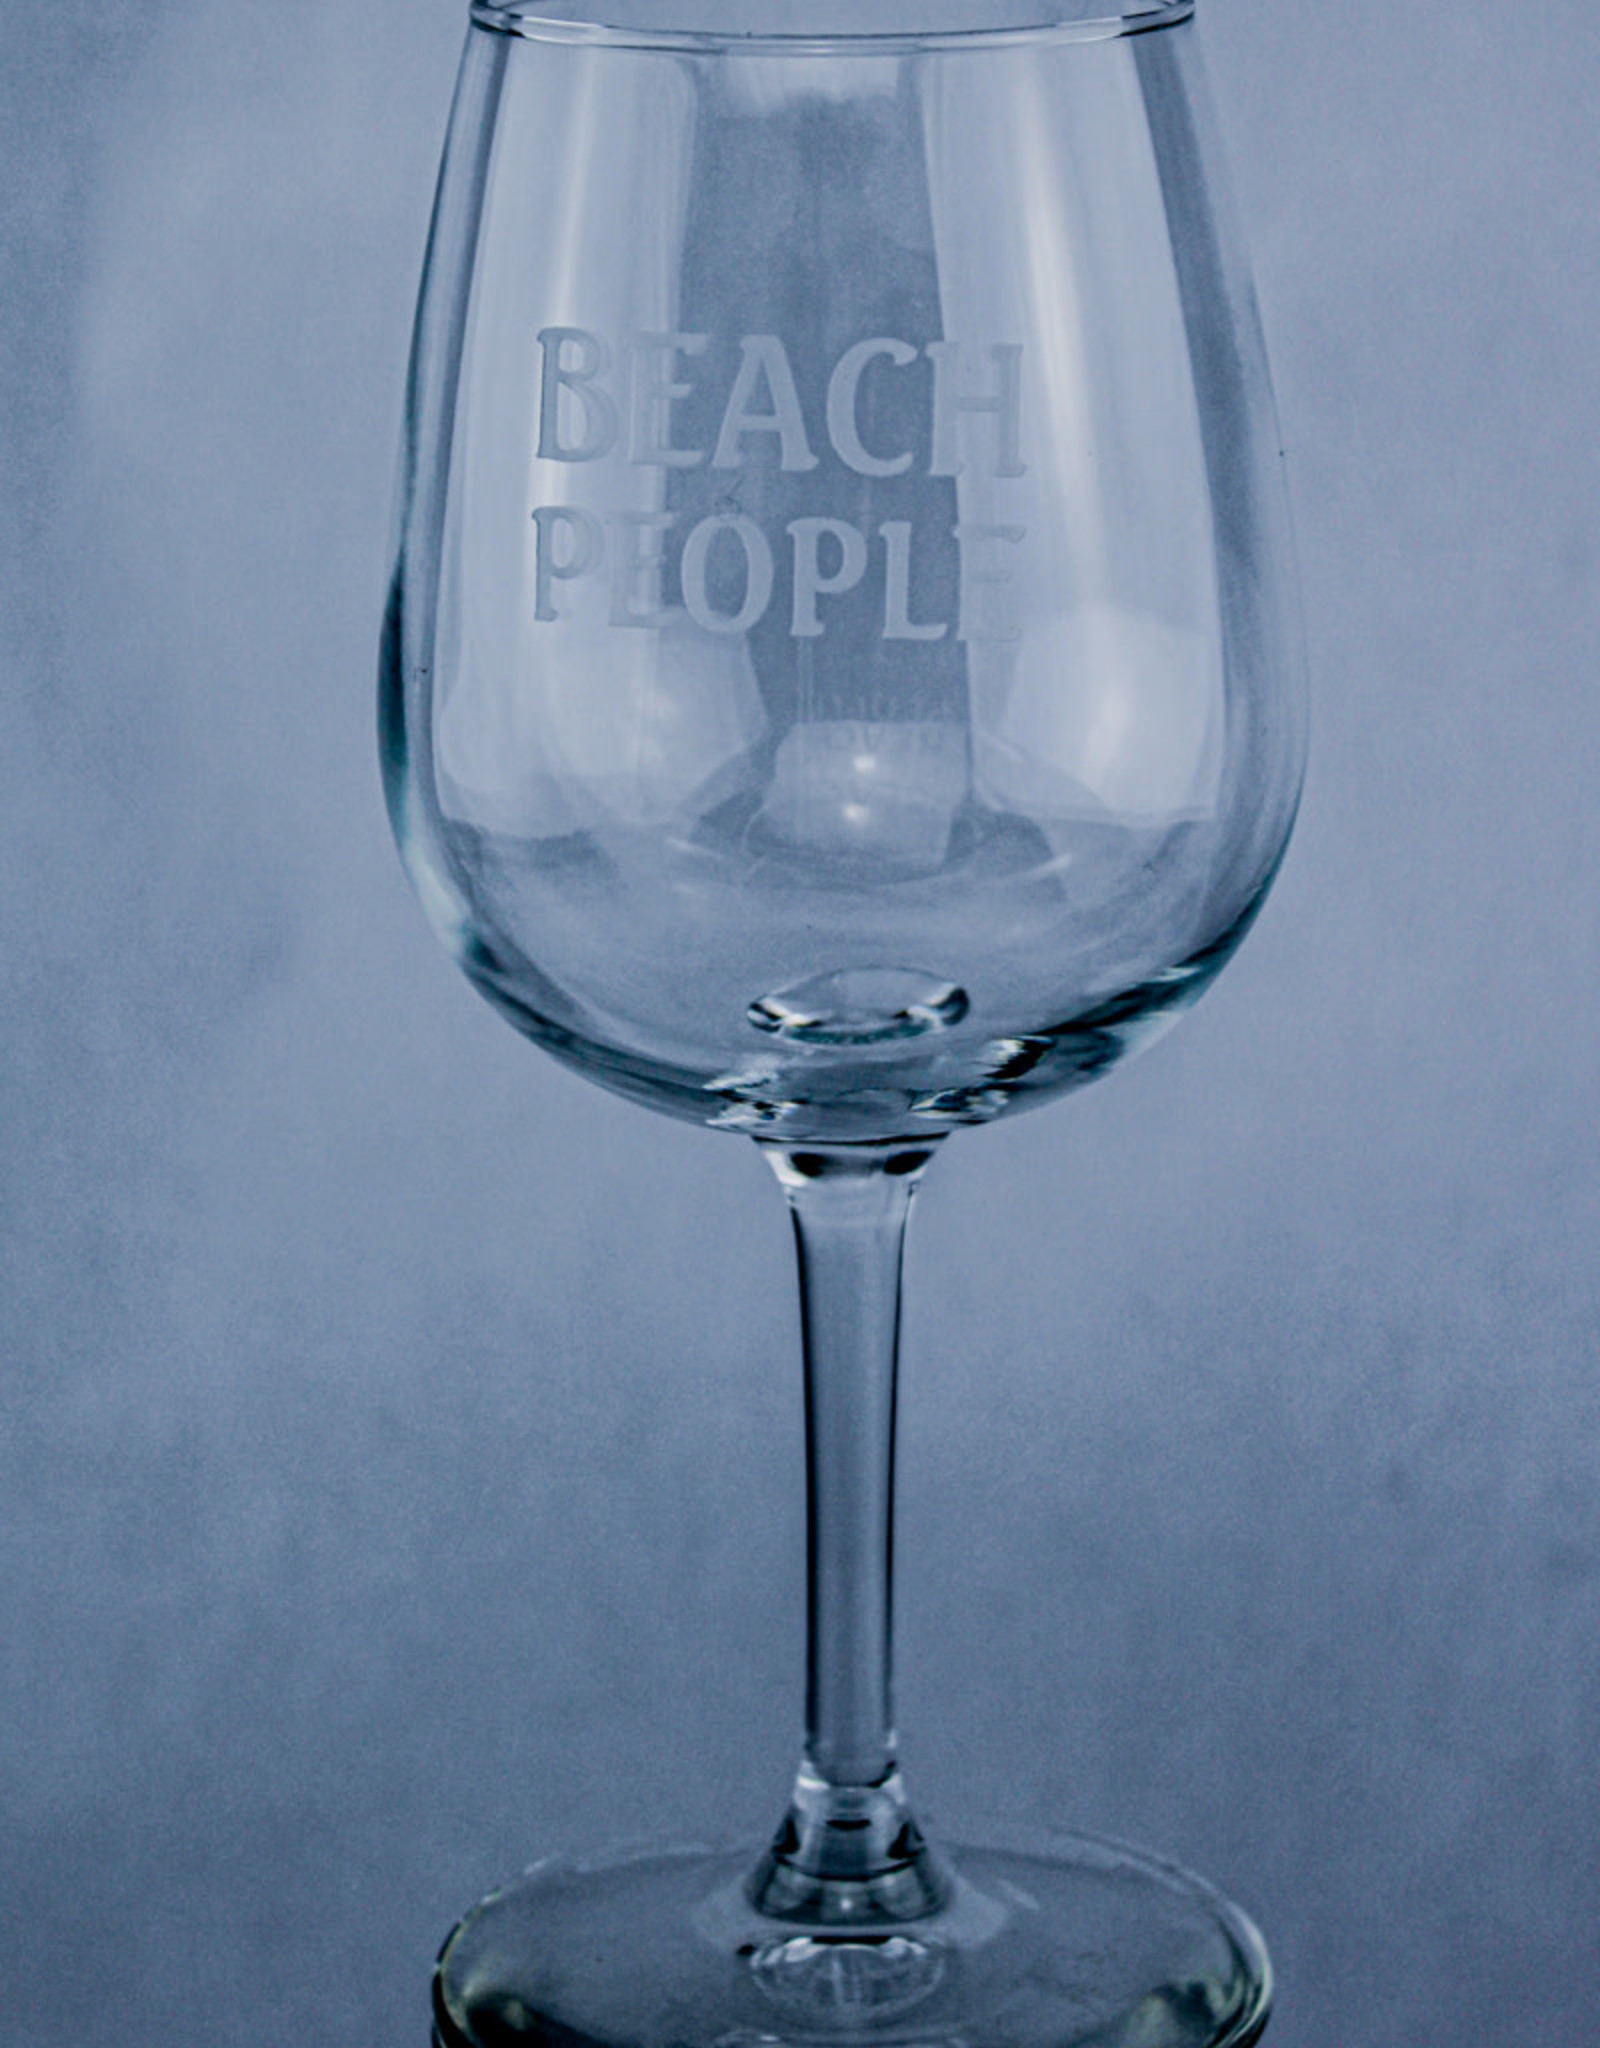 J Charles BEACH PEOPLE 12 oz. Wine